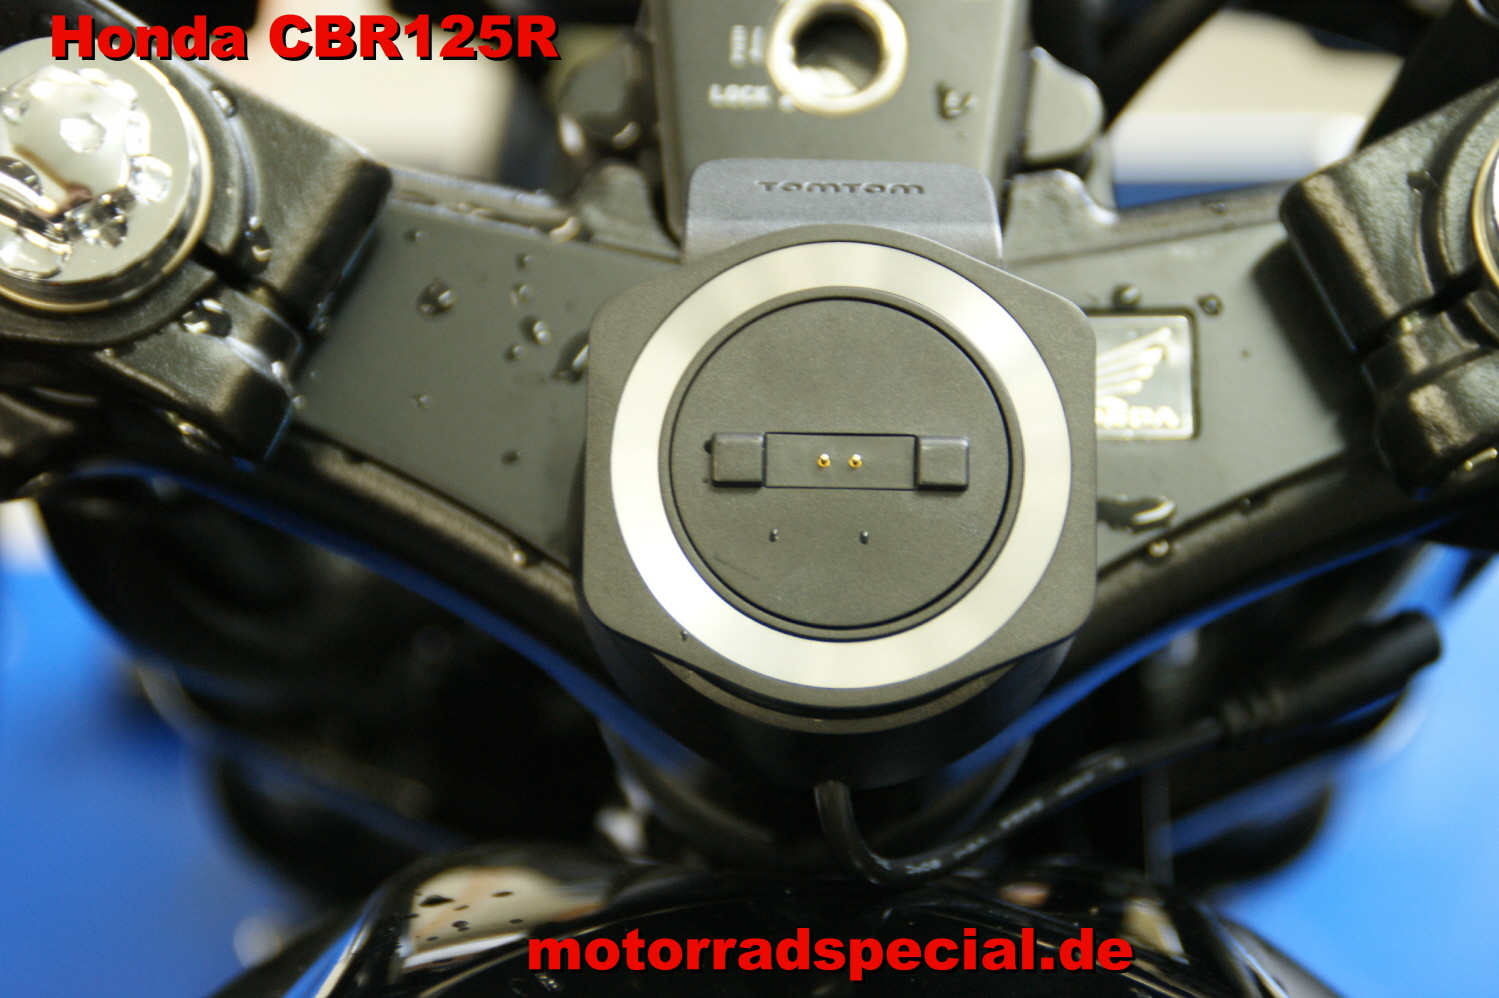 Honda_CBR_125_R_Navigationshalterung_Navigationshalter_Navihalter_TomTom_400_410